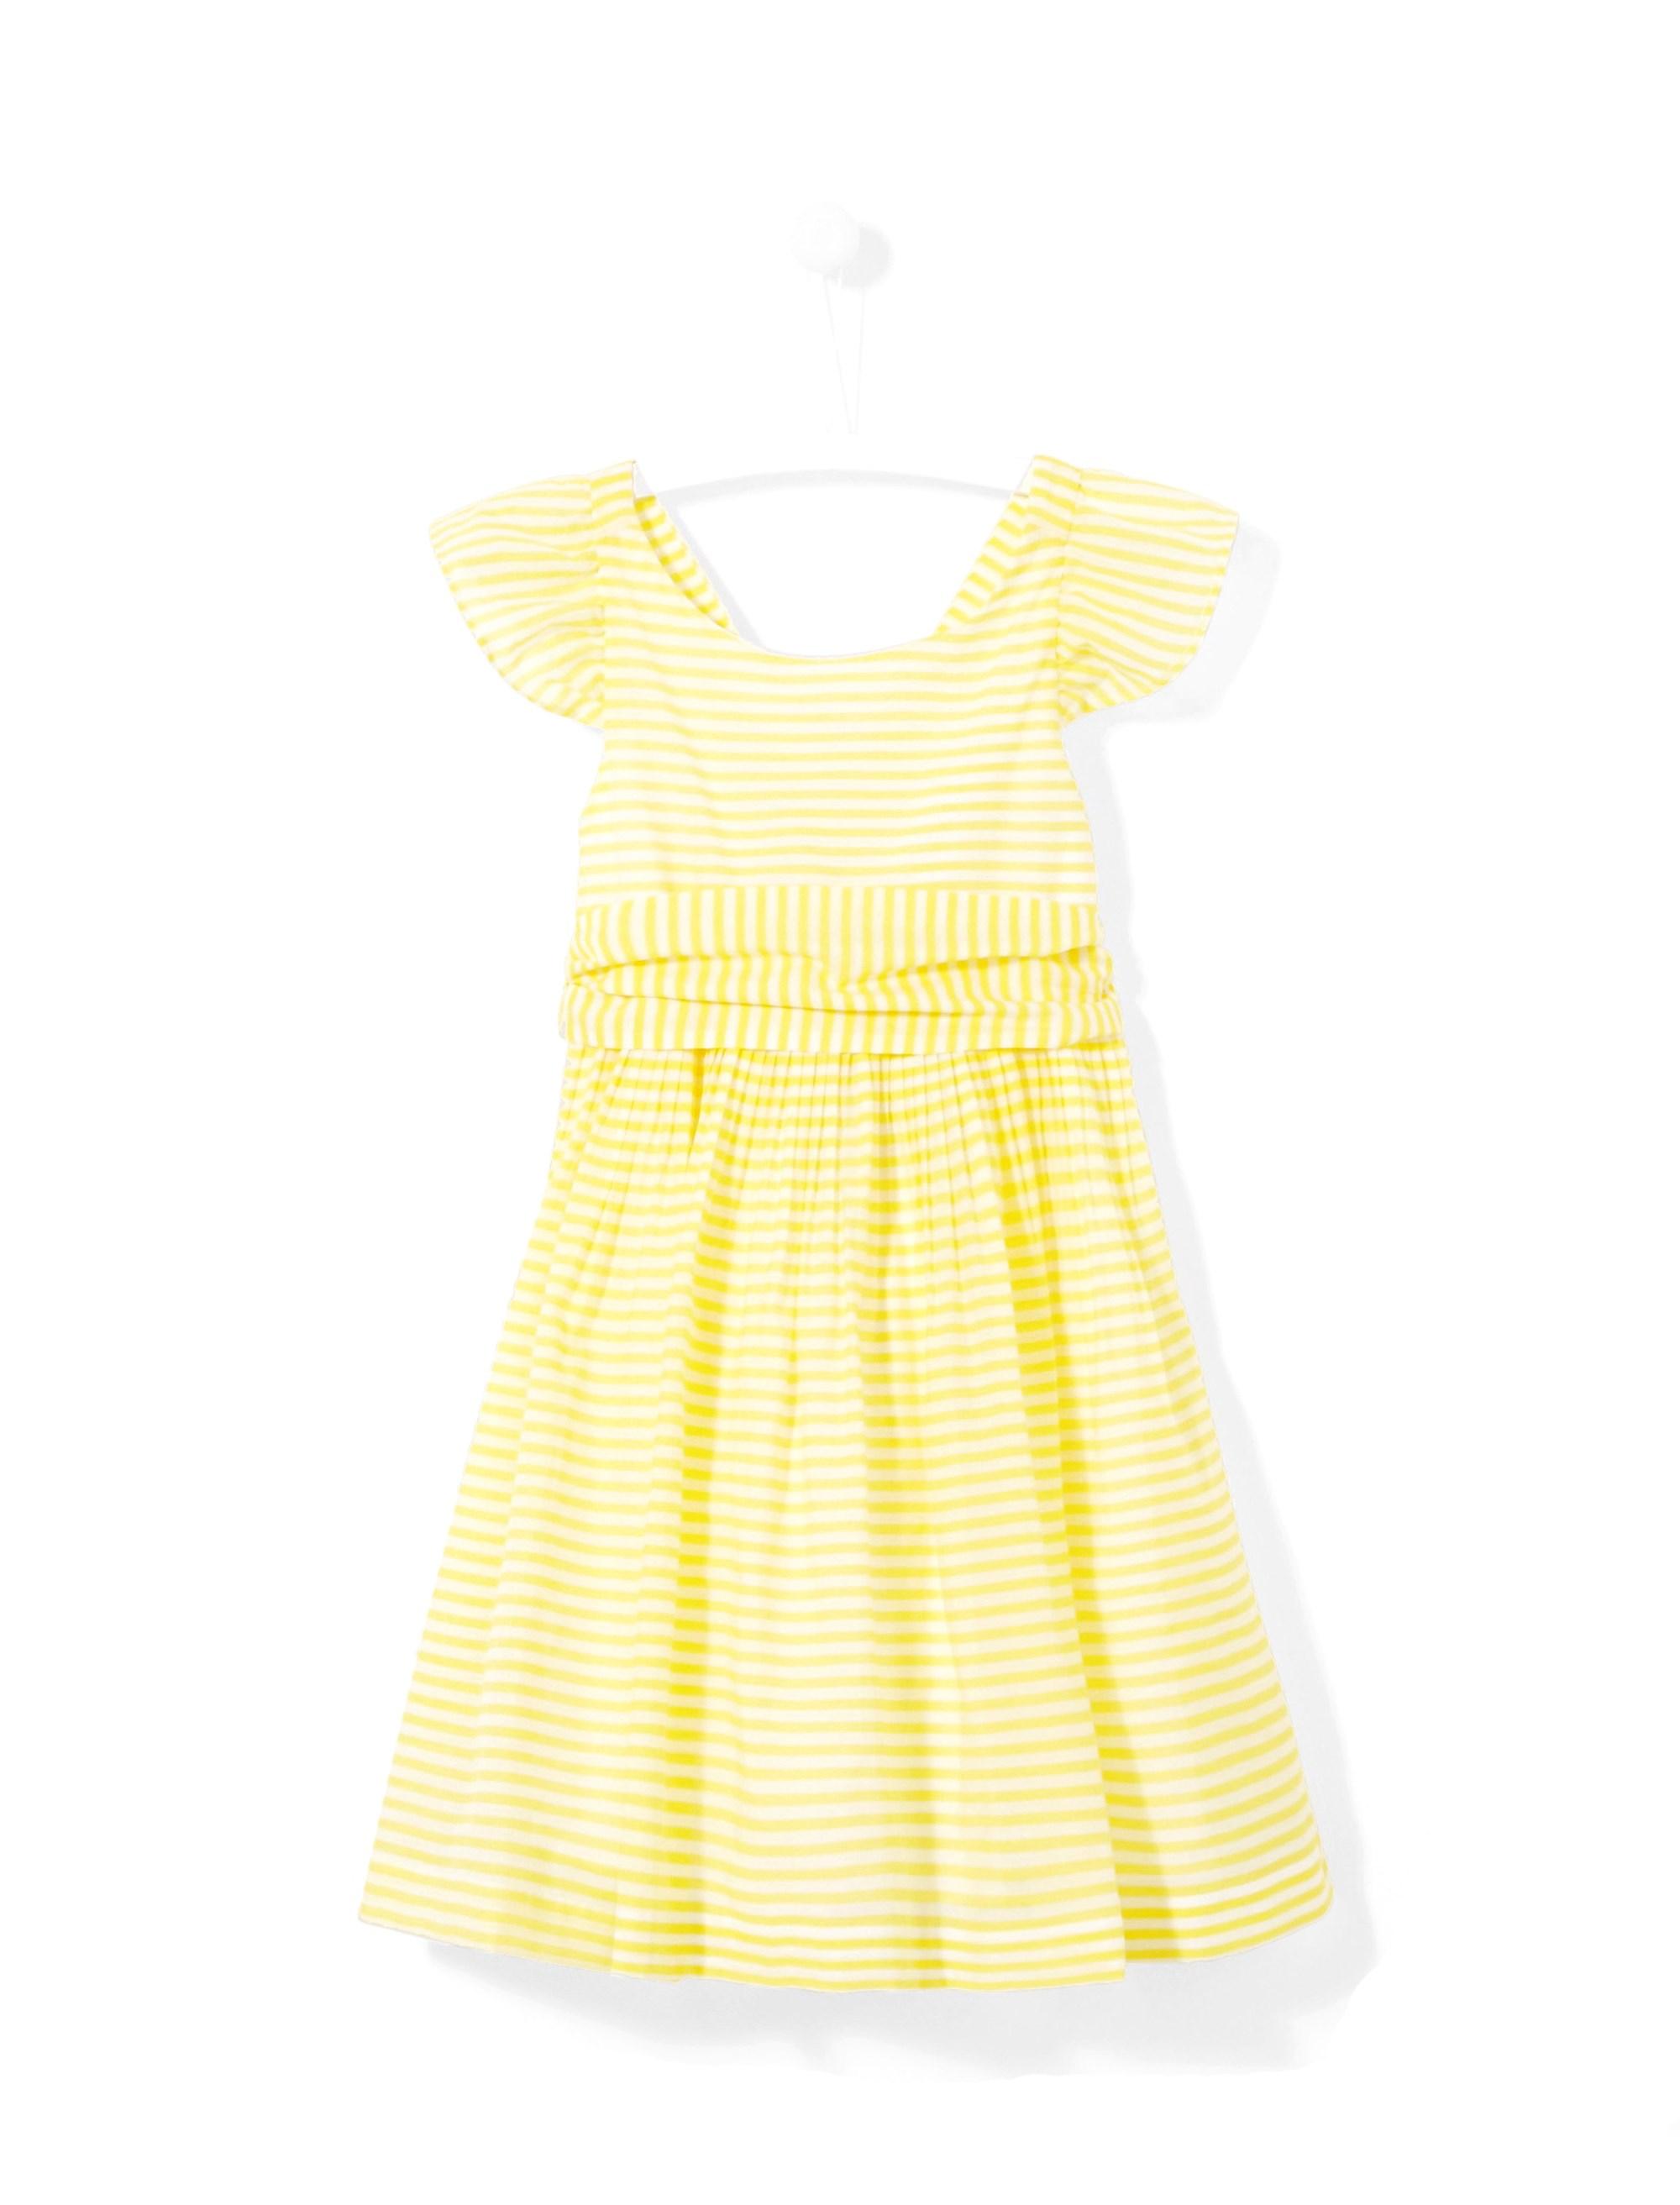 پیراهن روزمره دخترانه Linbis - زرد - 1